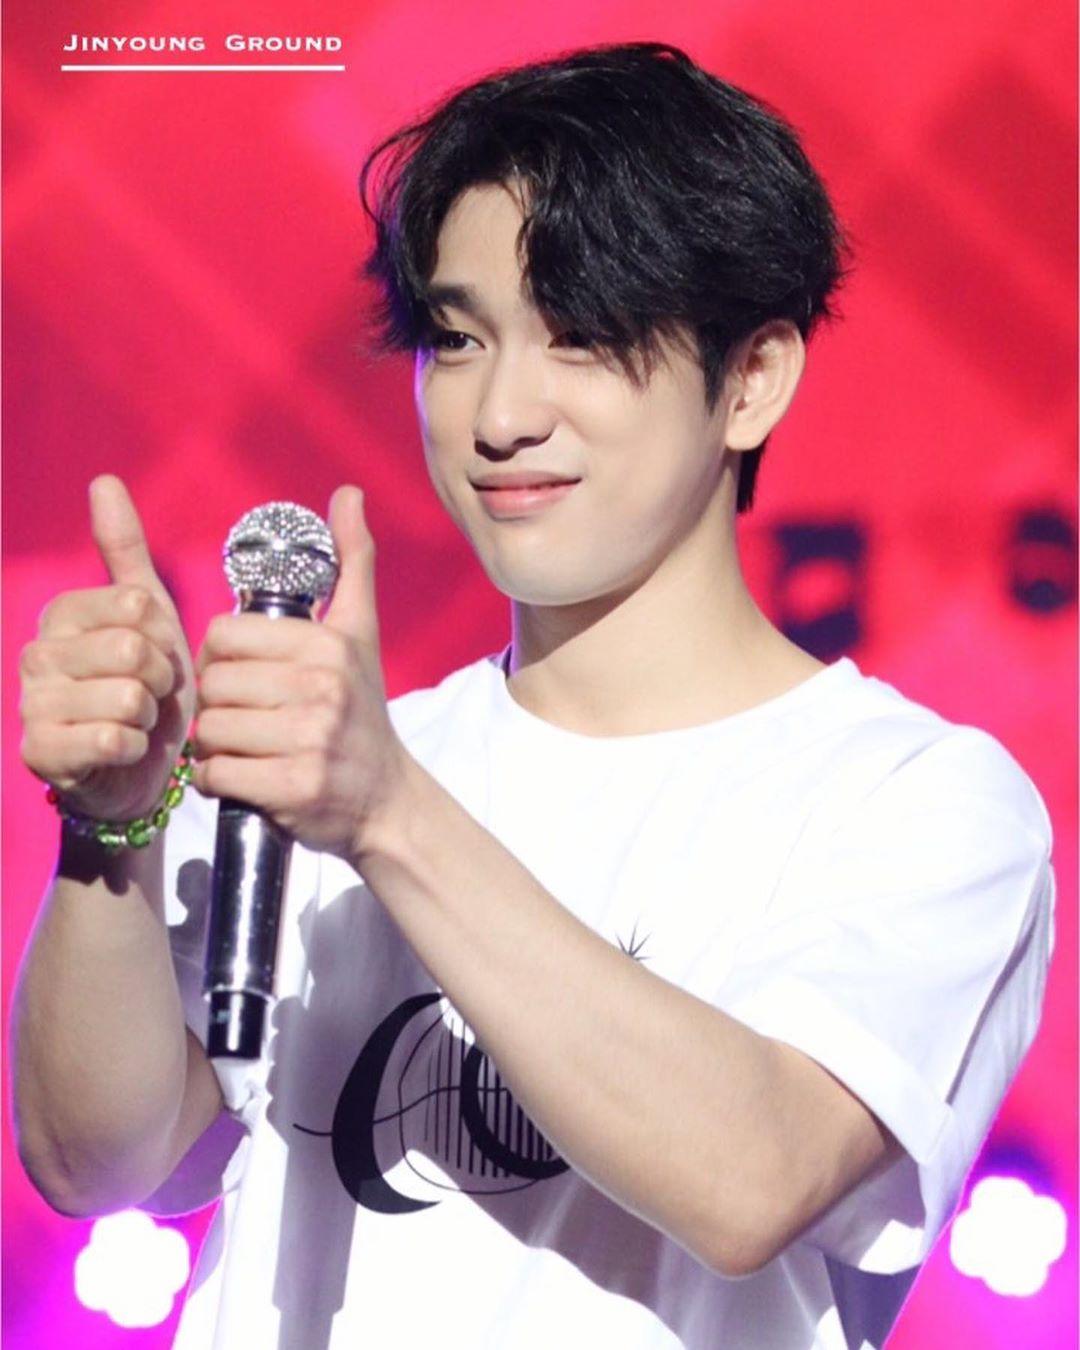 jinyoung thumbs